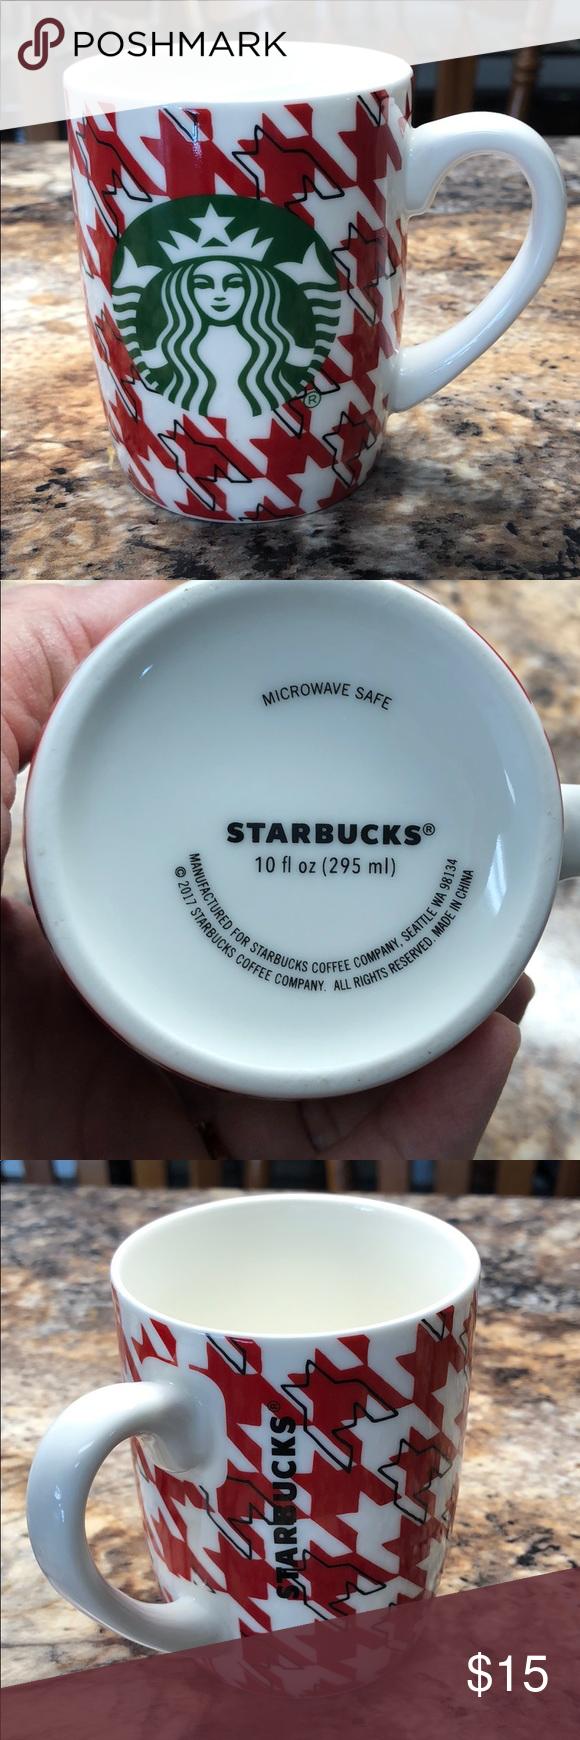 Starbucks coffee cup Starbucks coffee cup Microwave safe